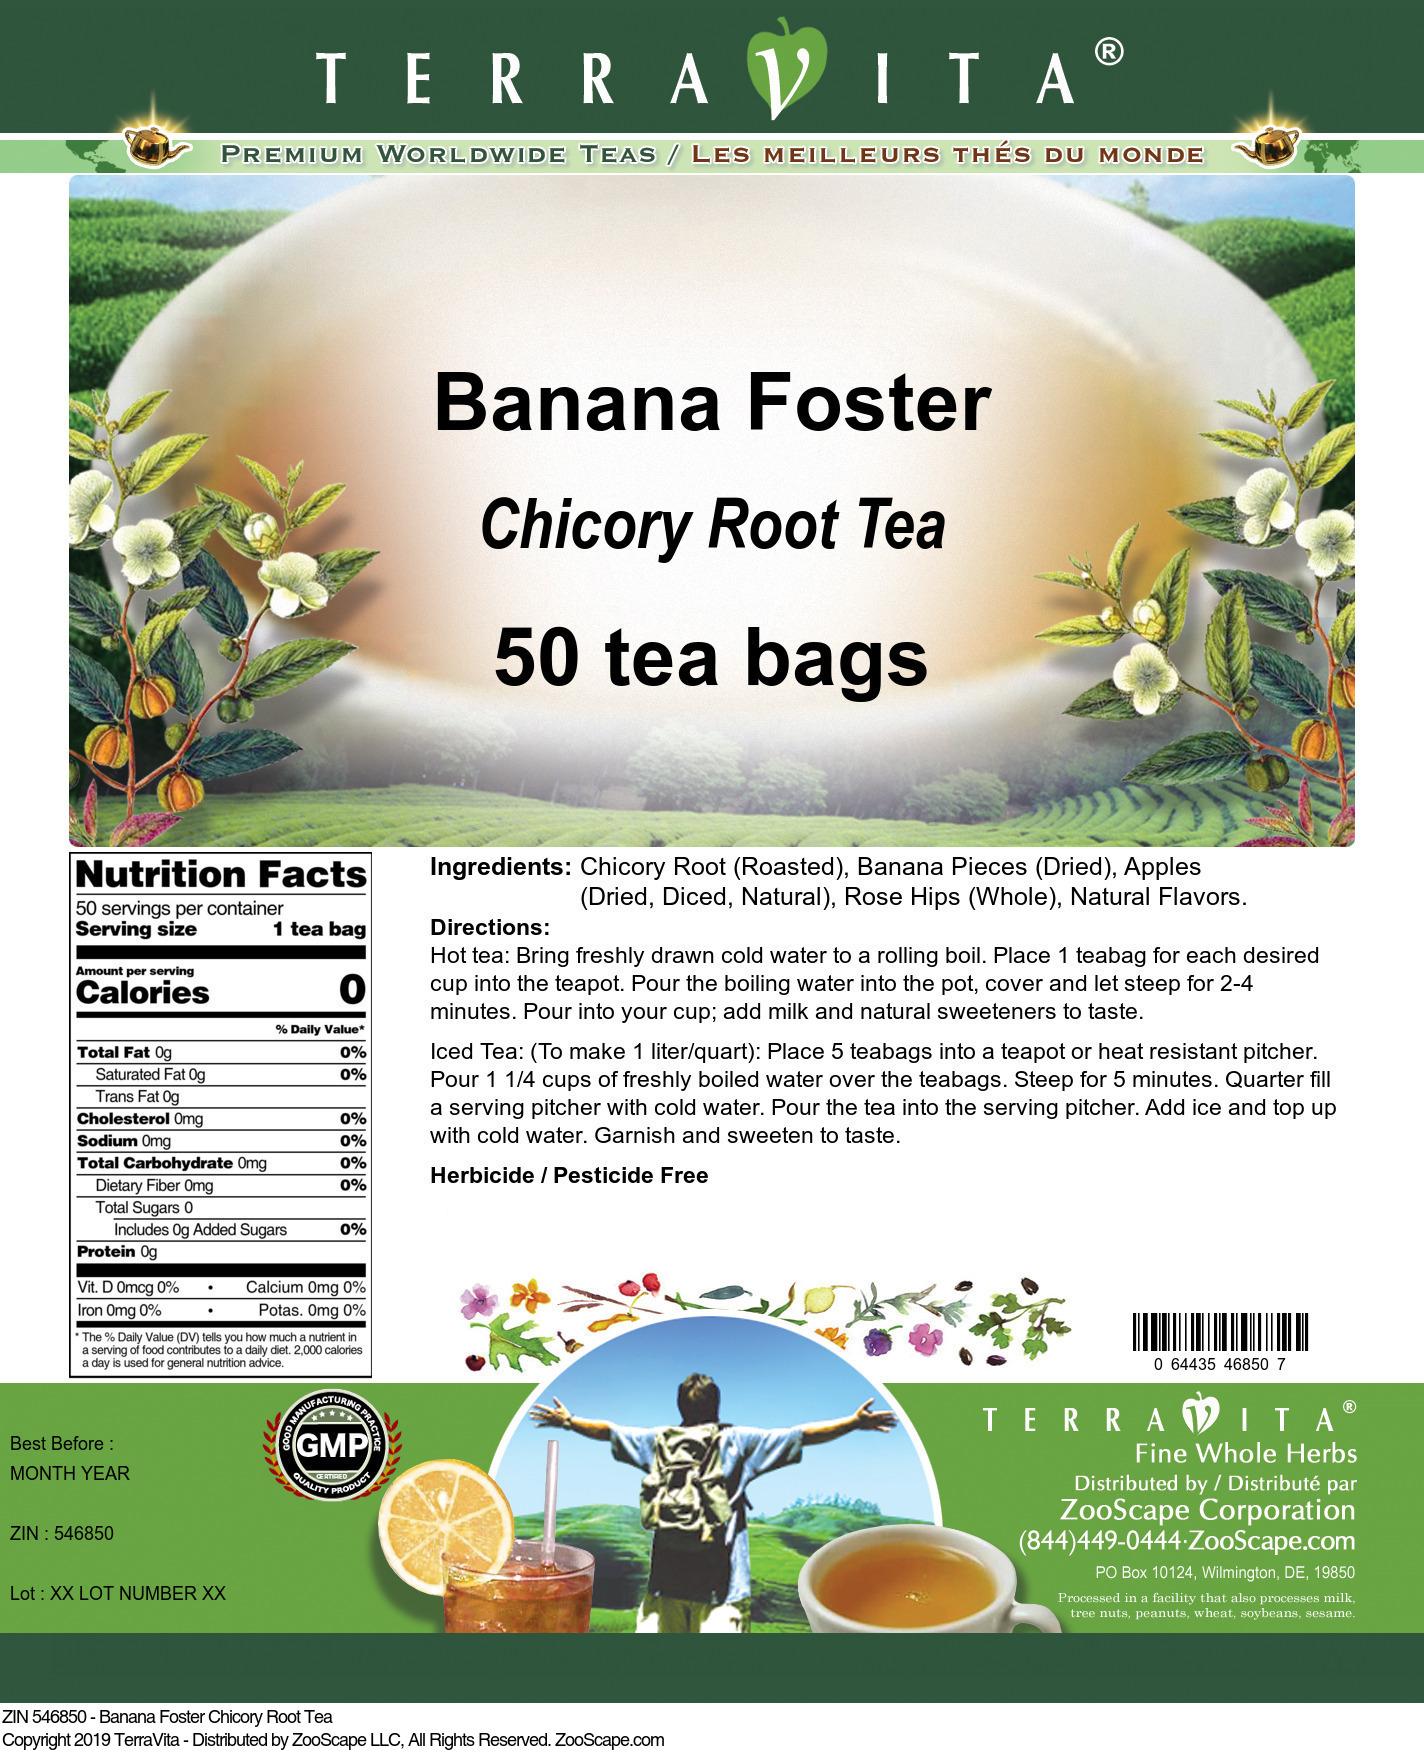 Banana Foster Chicory Root